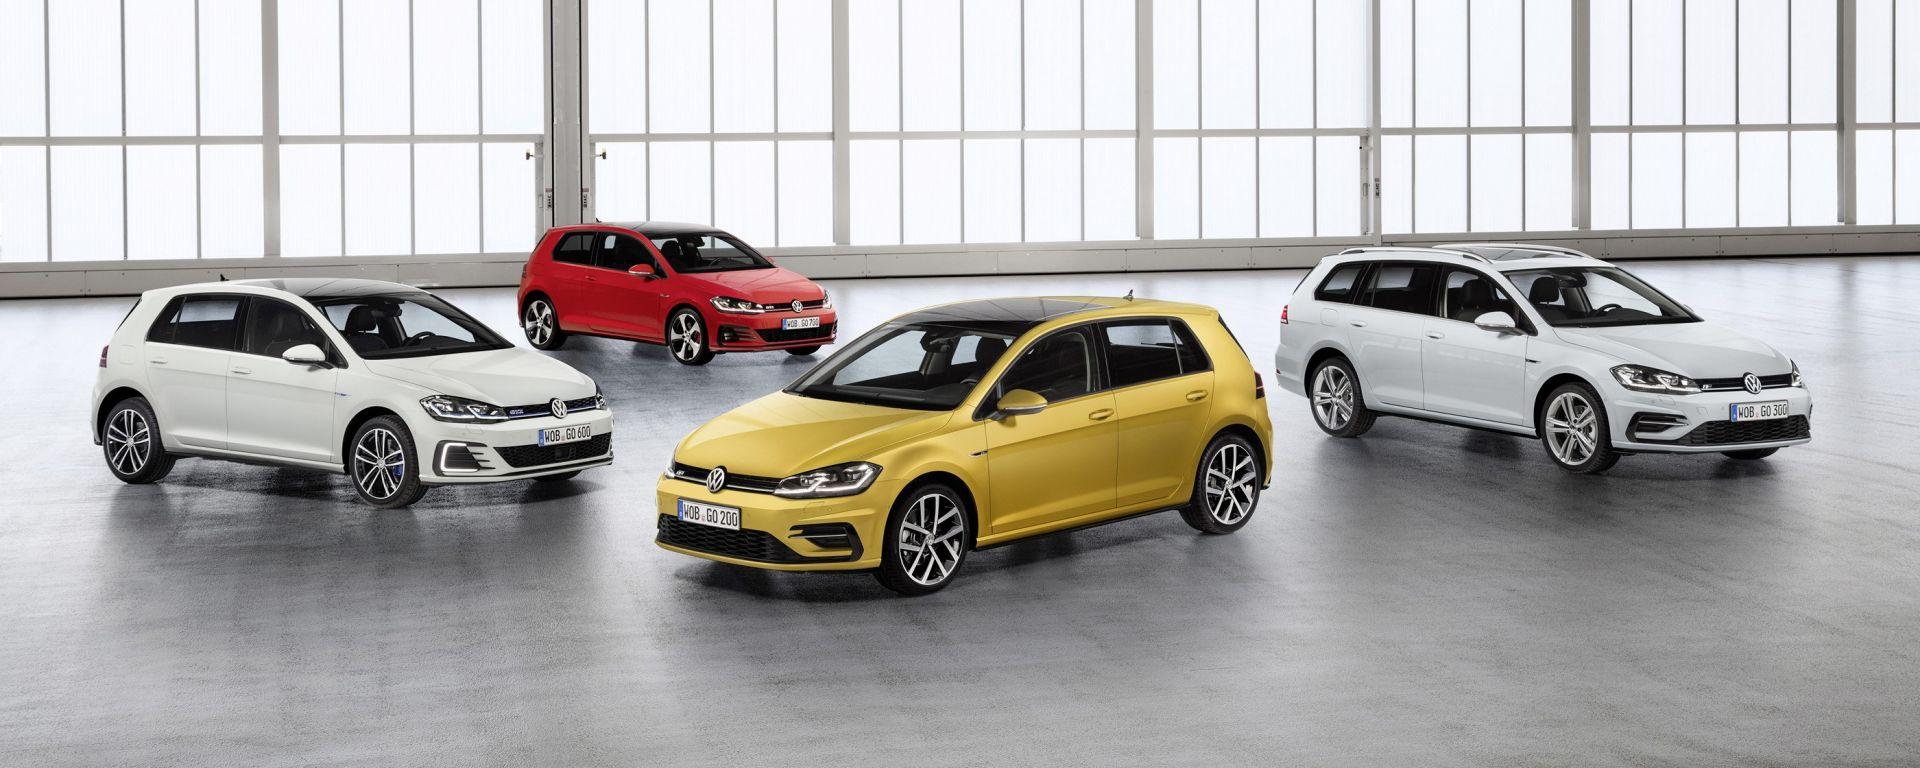 Volkswagen Golf: restyling della settima generazione